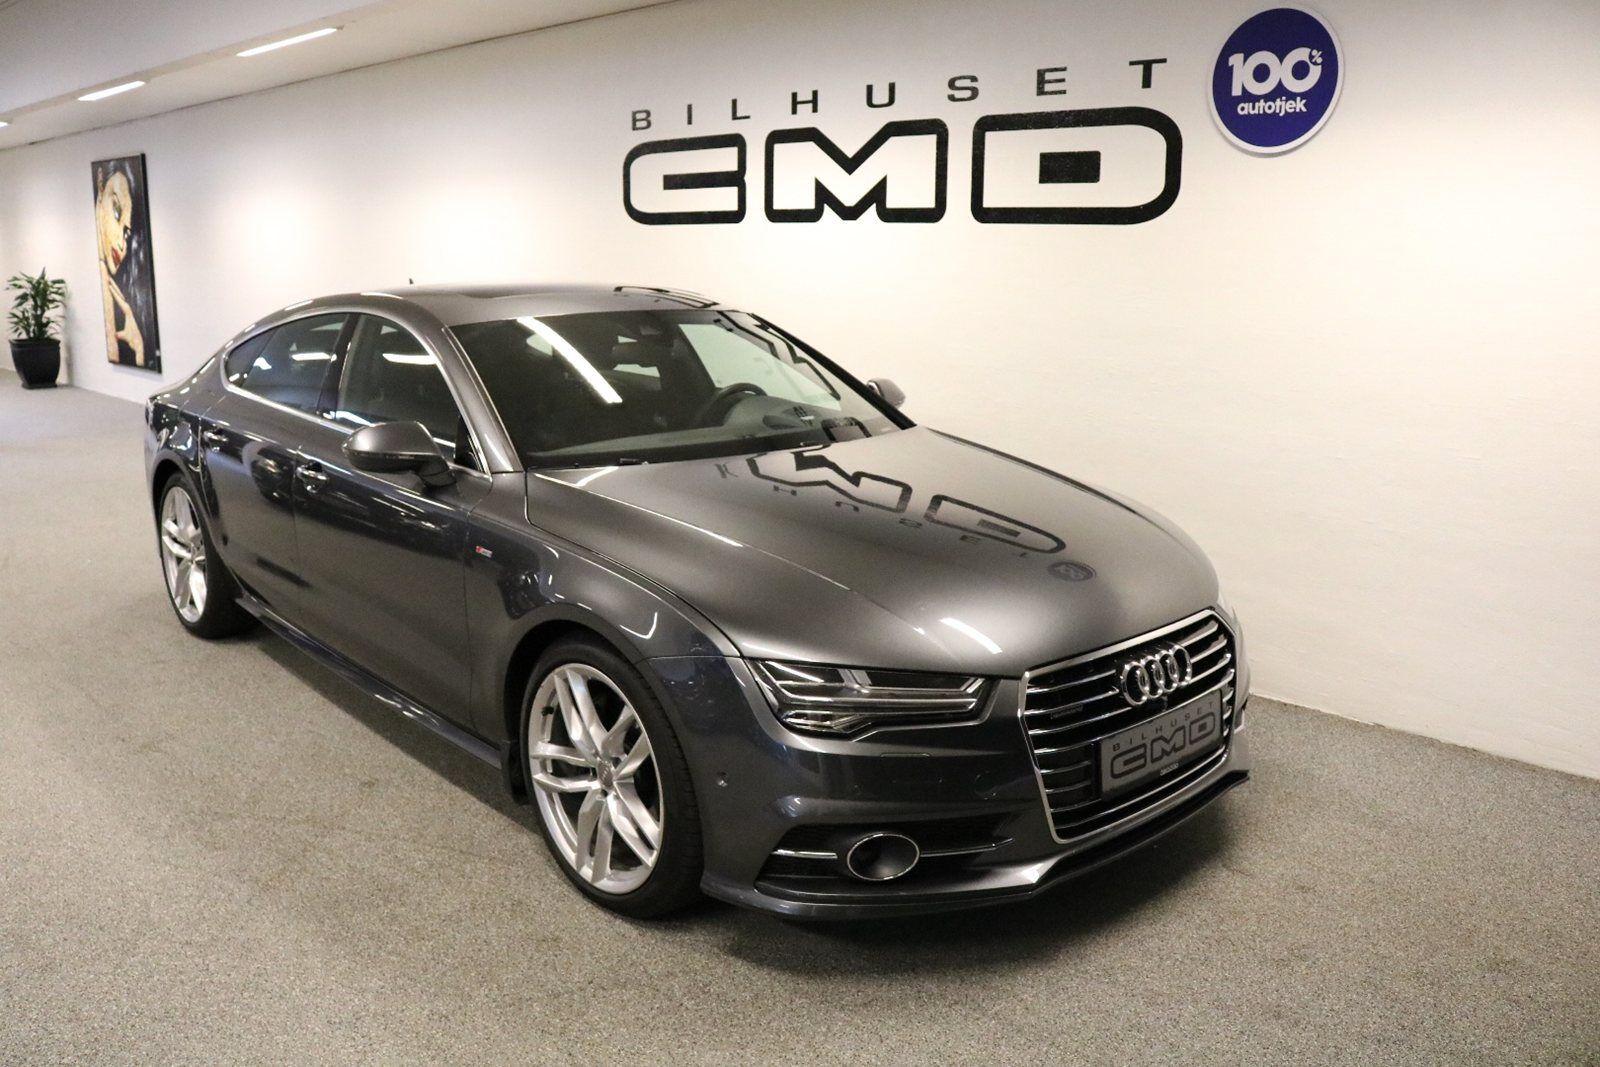 Audi A7 3,0 TDi 272 S-line SB quattro S-tr 5d - 849.900 kr.